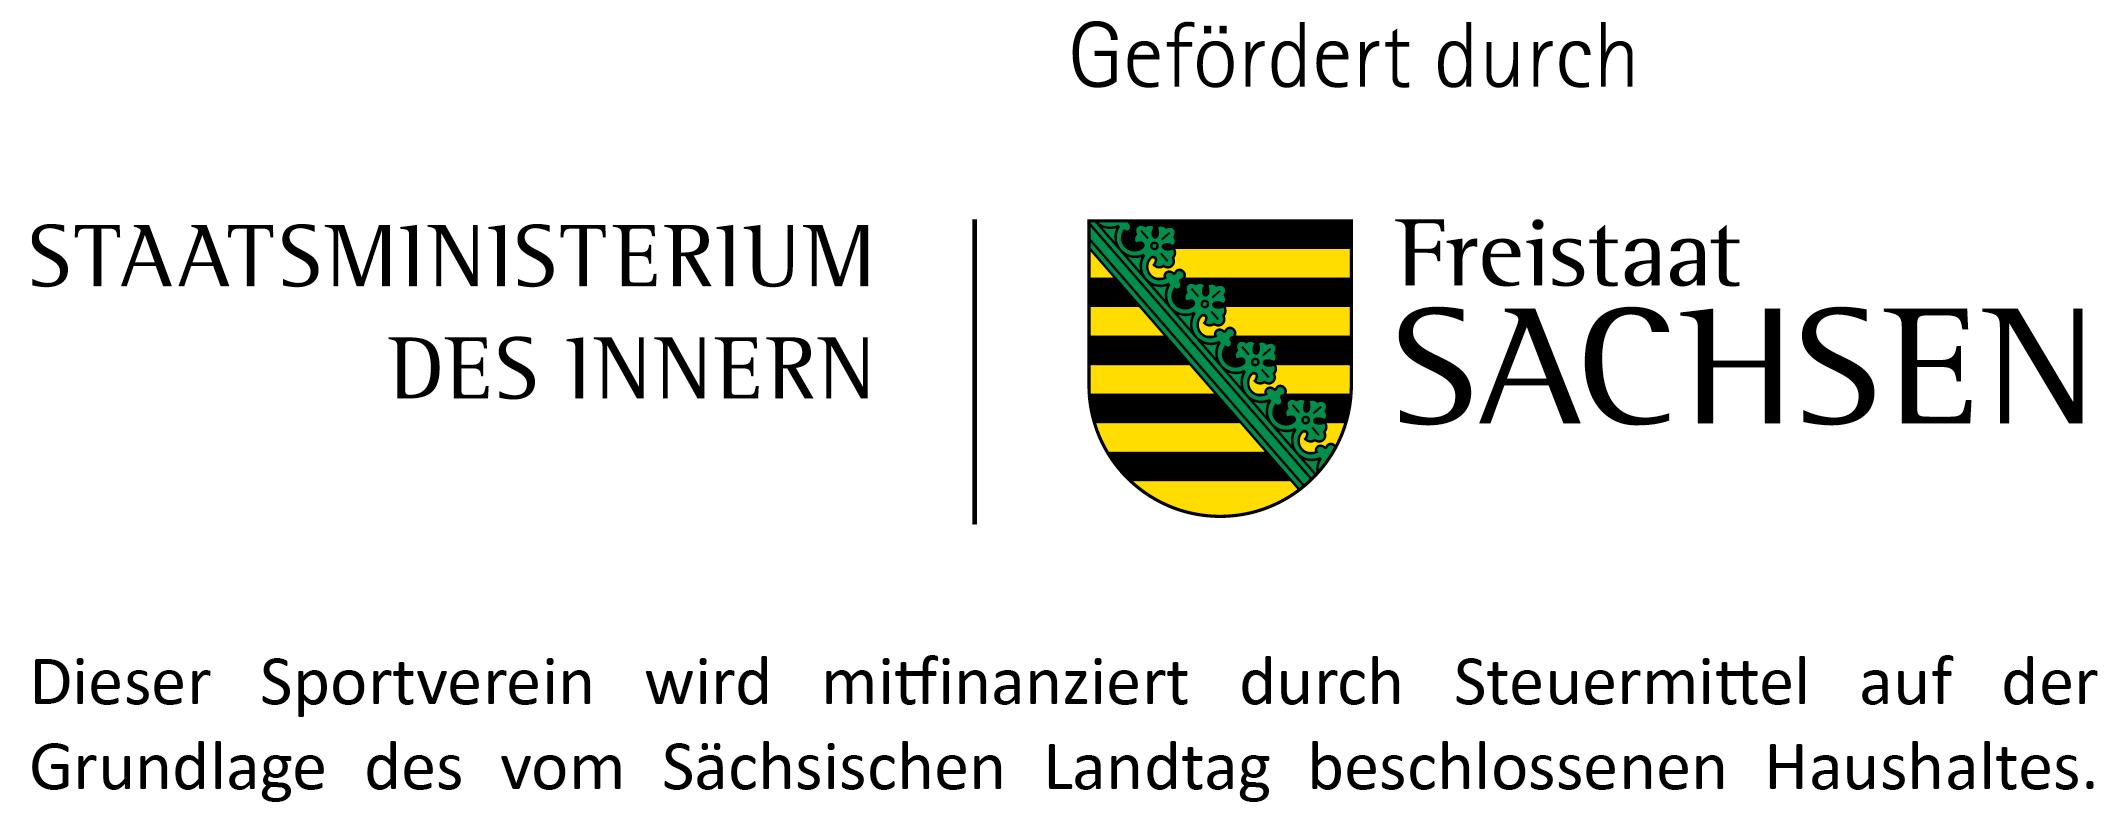 Dieser Sportverein wird mitfinanziert durch Steuermittel auf der Grundlage des vom Sächsischen Landtag beschlossenen Haushaltes.